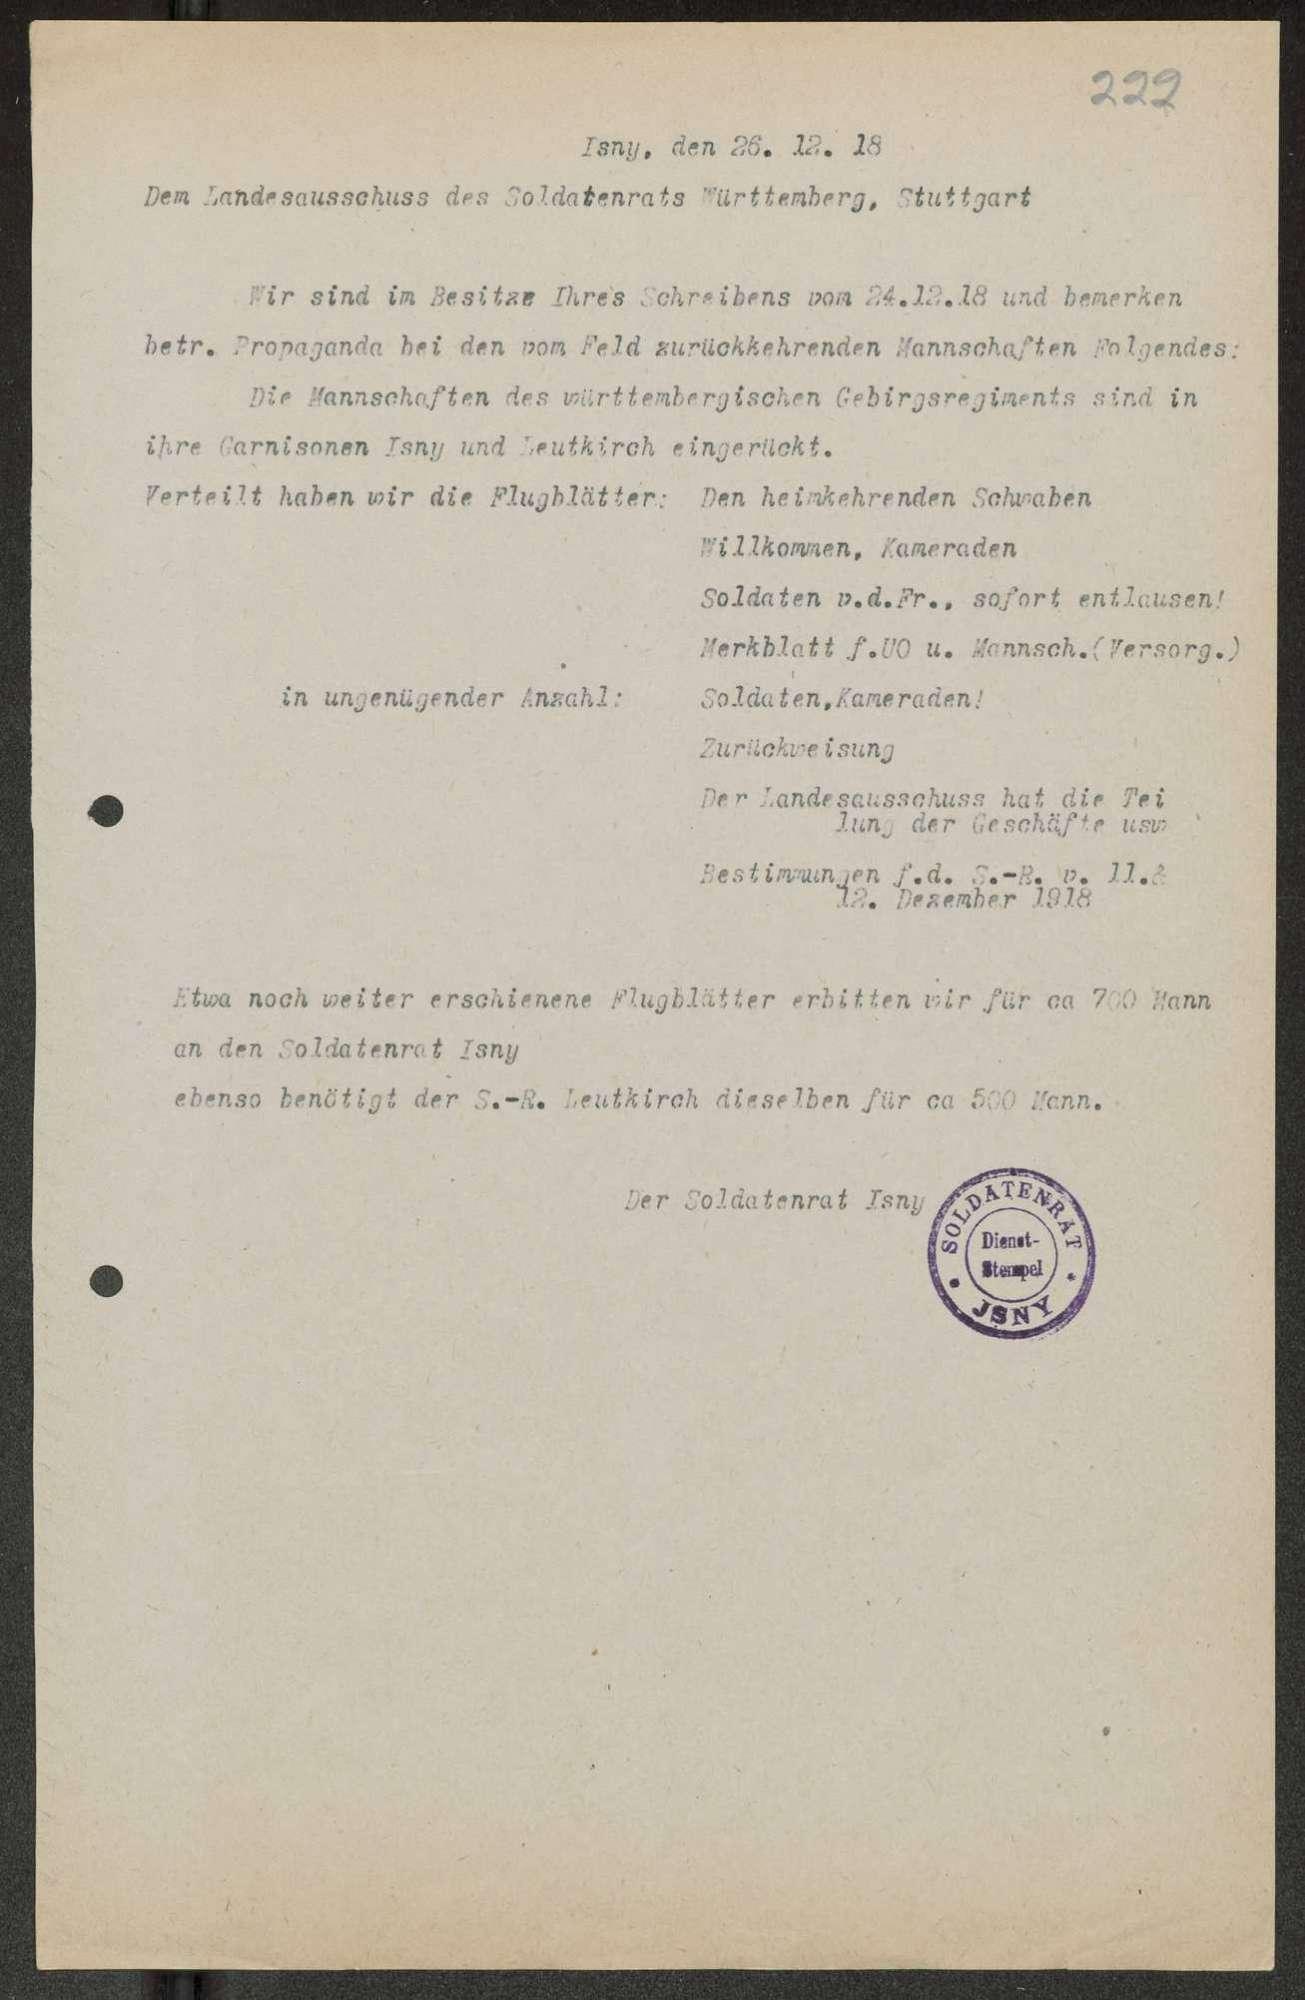 Herausgabe, Zusendung und Verteilung von Flugblättern, Auslage von Propagandamaterial der Parteien im Sprechzimmer des Soldatenrats, Bild 3